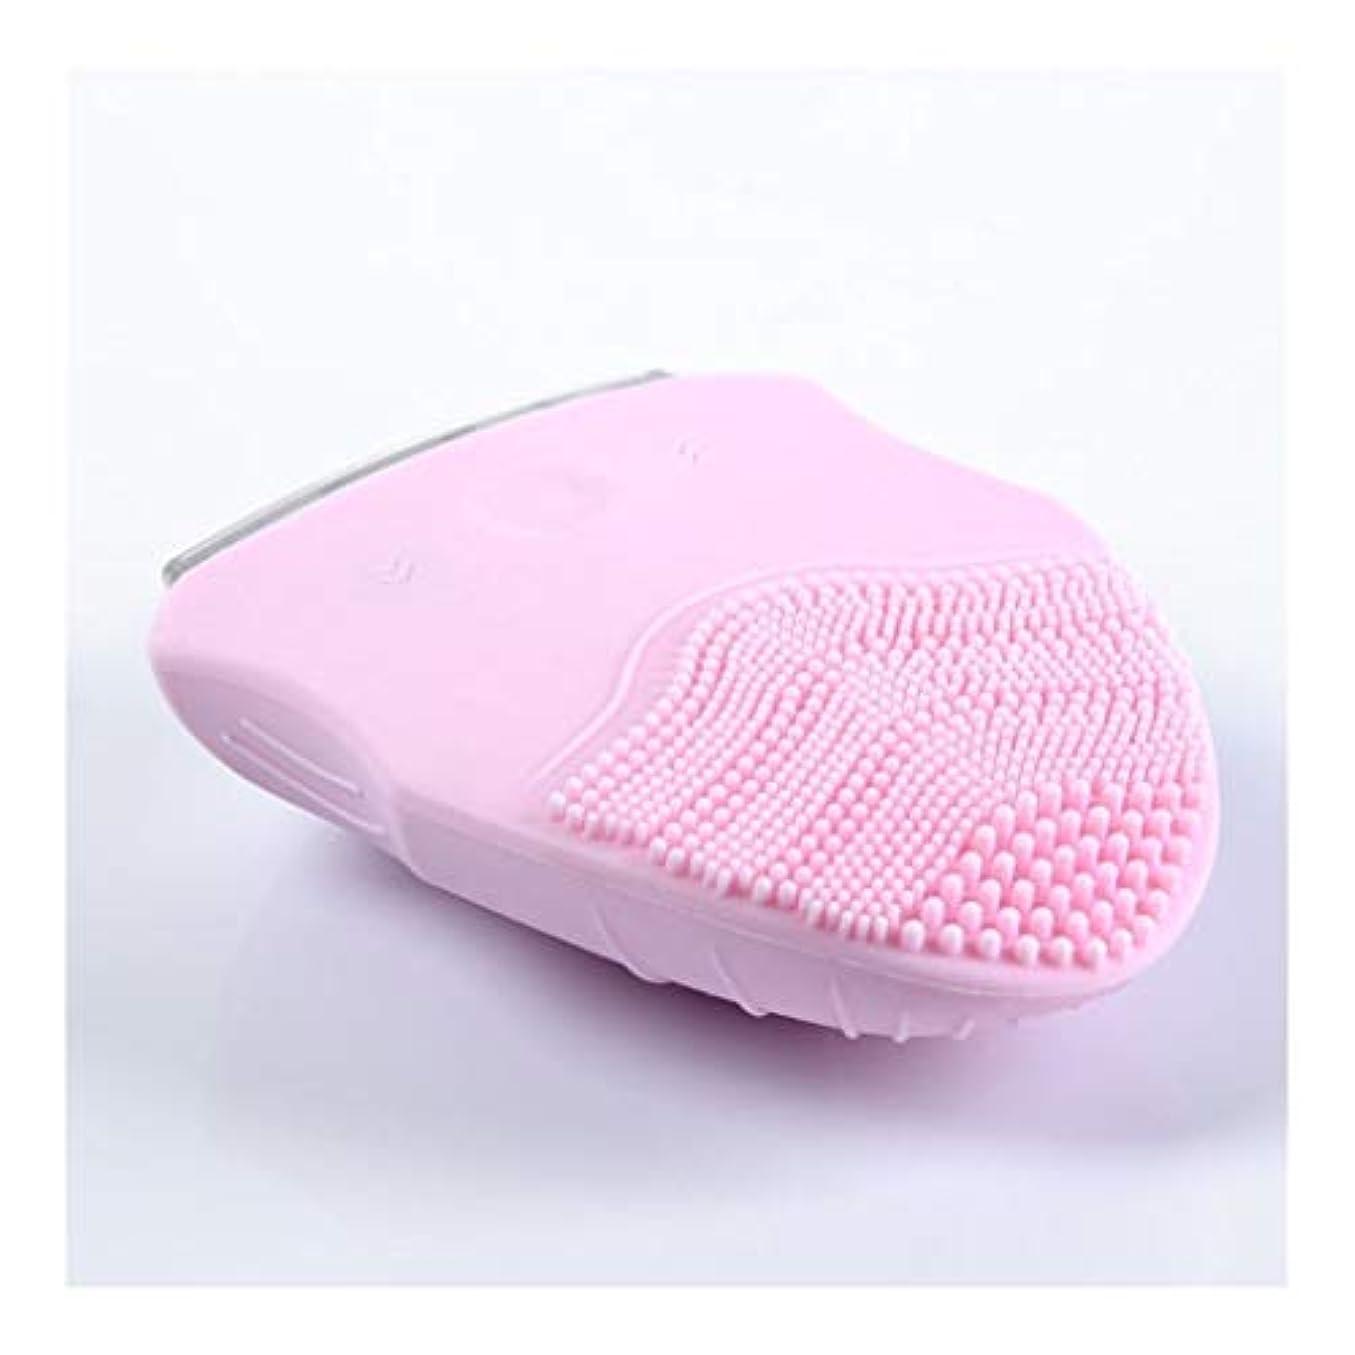 包帯期待して海岸ソニックバイブレーションフェイシャルクレンジングブラシ、電動ポータブル美容器具ディープクレンジングブラシは、すべての肌タイプのしわ美容ツールを減らします (Color : Pink)